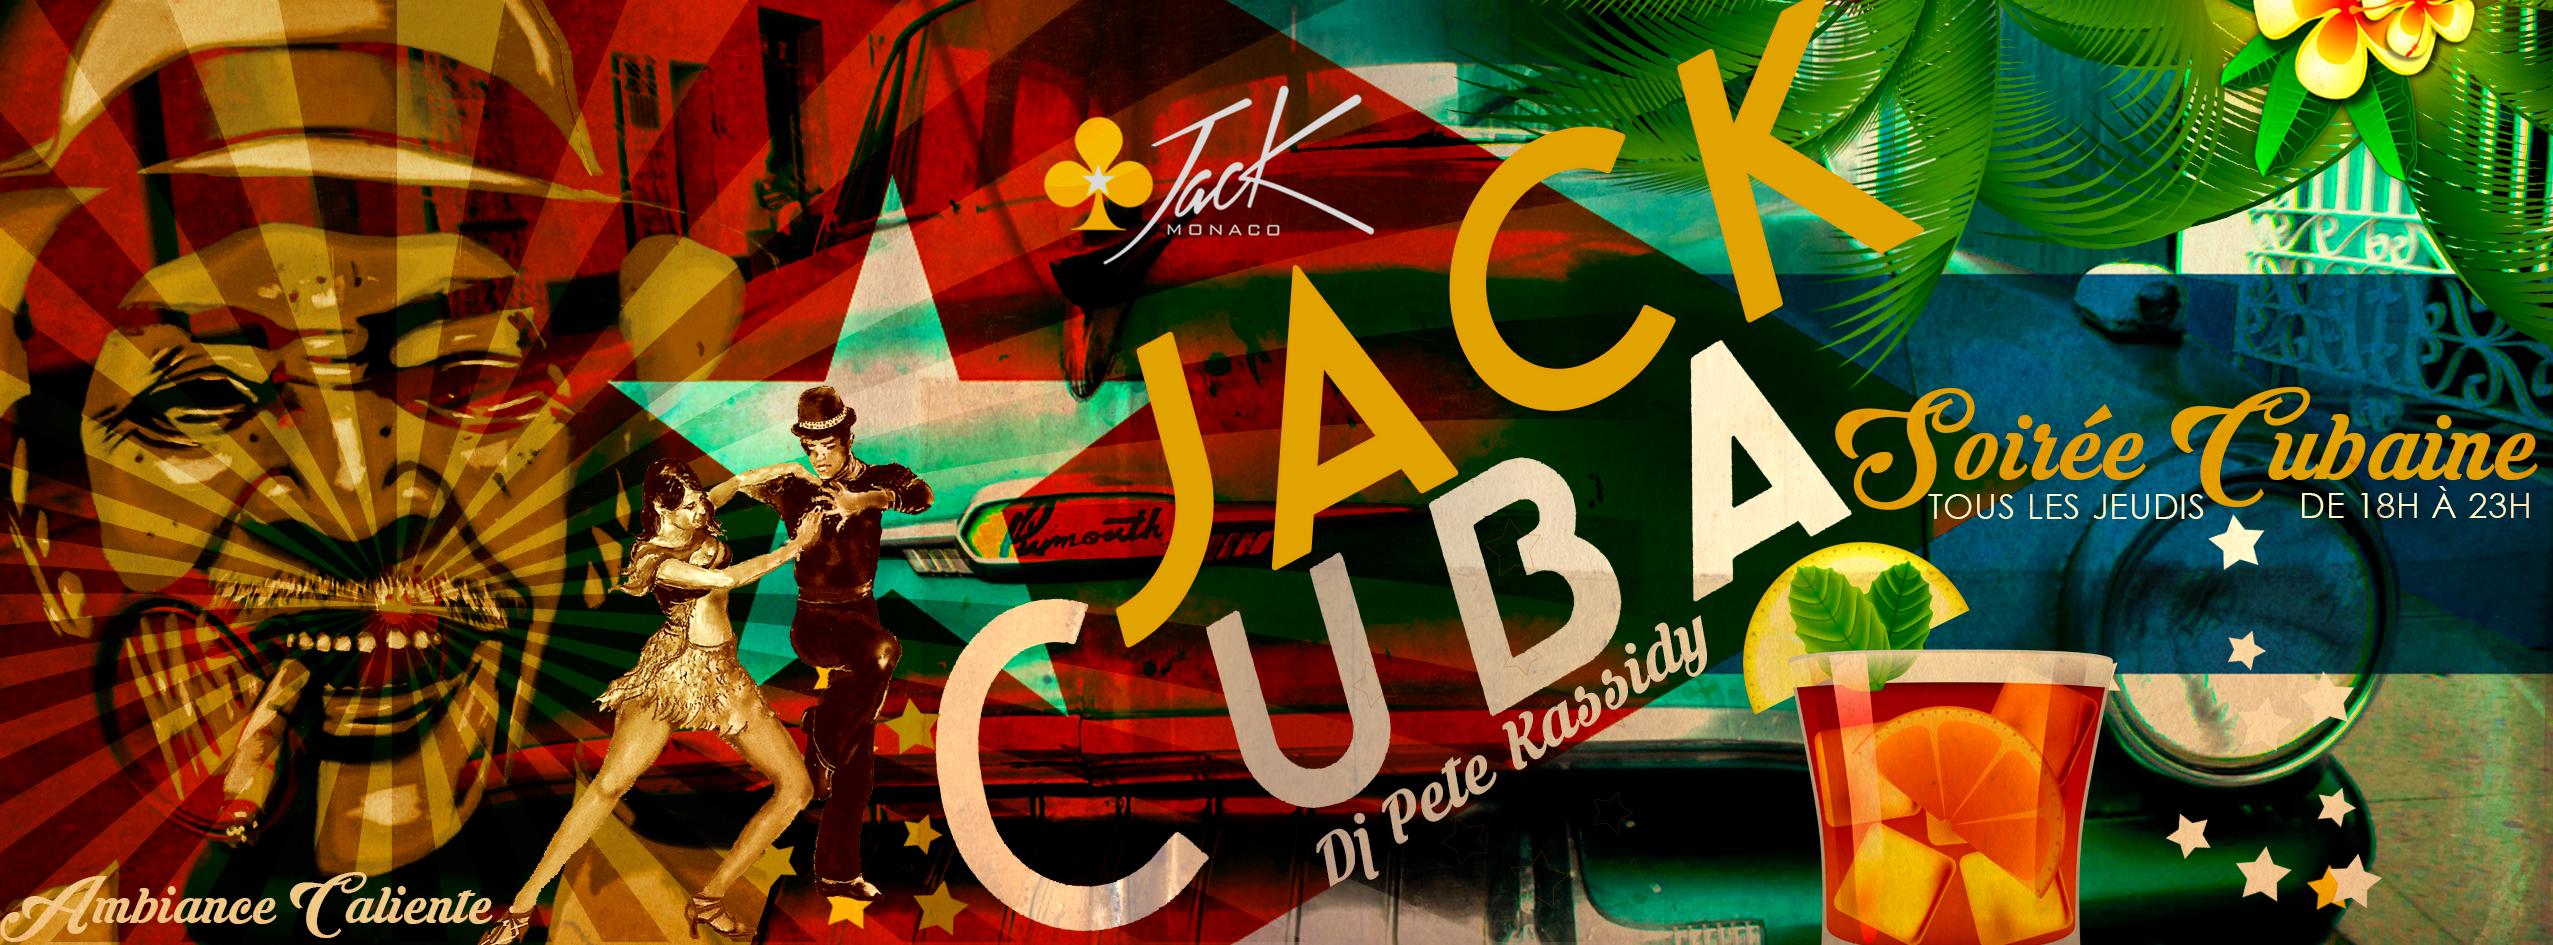 CUBAINE-ok